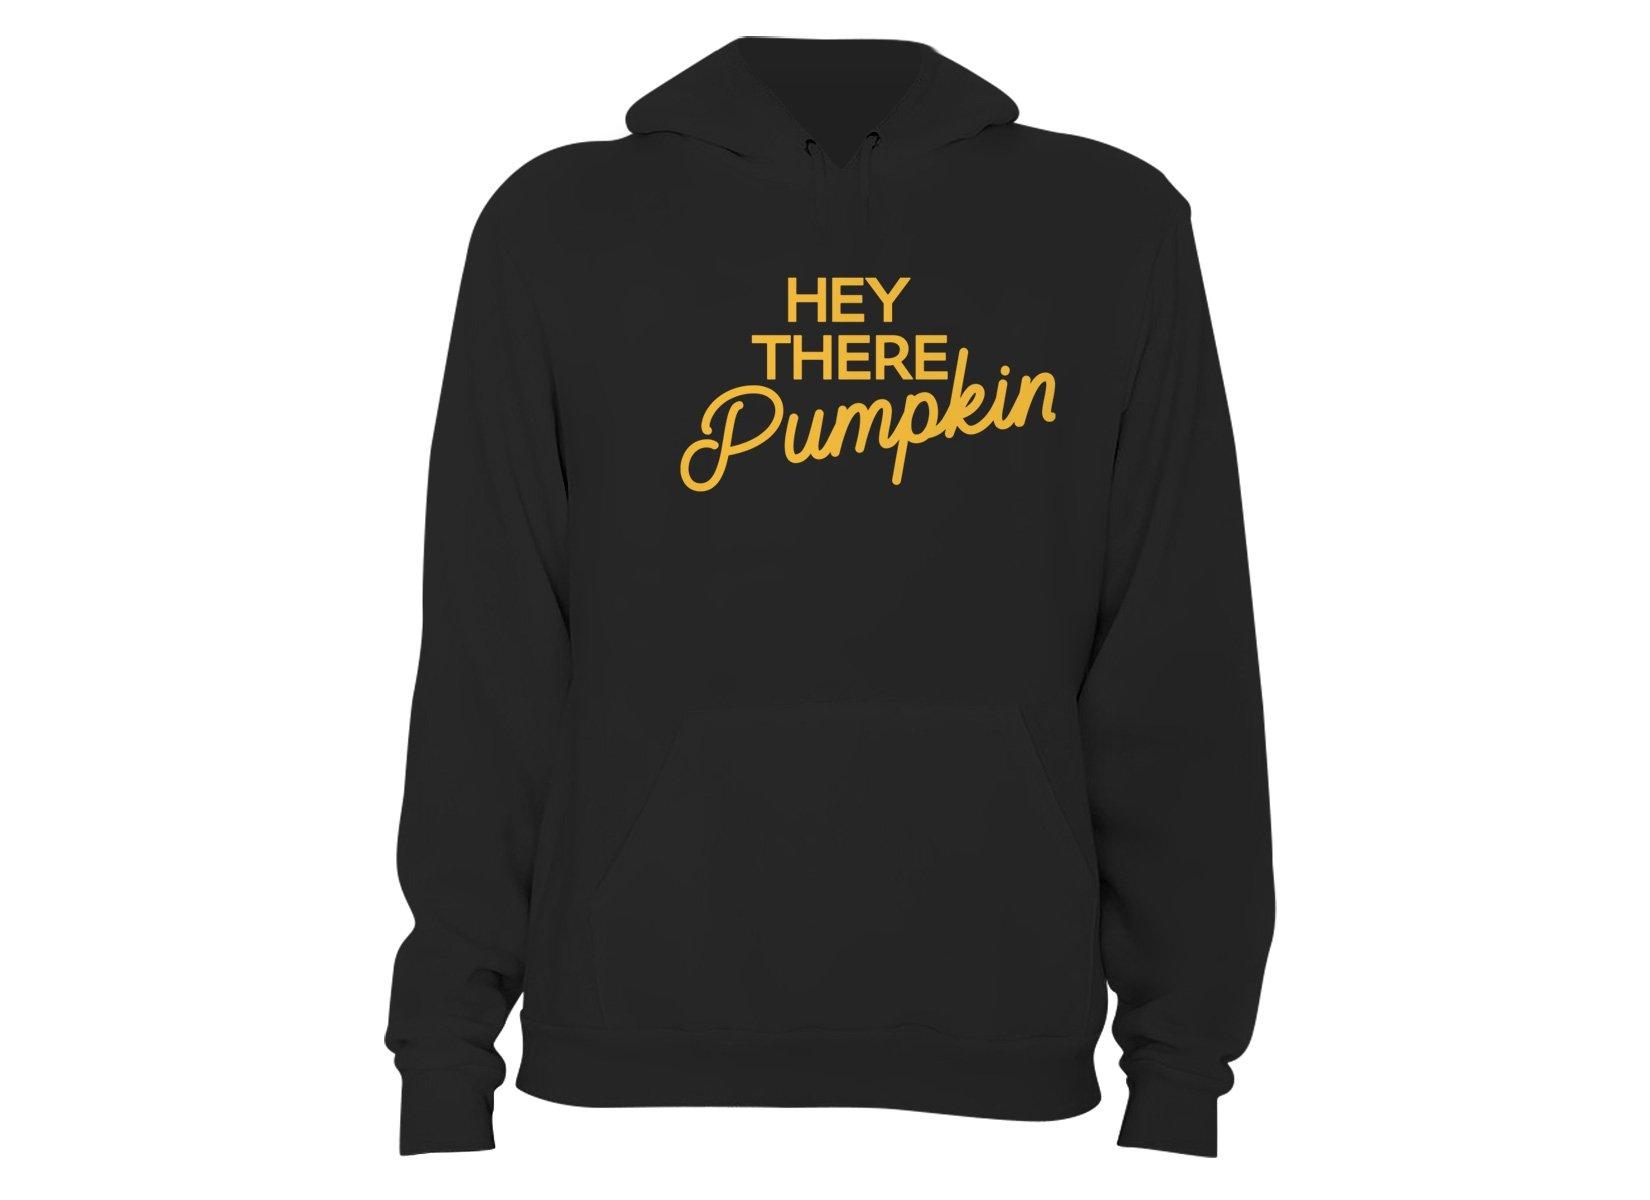 Hey There Pumpkin on Hoodie